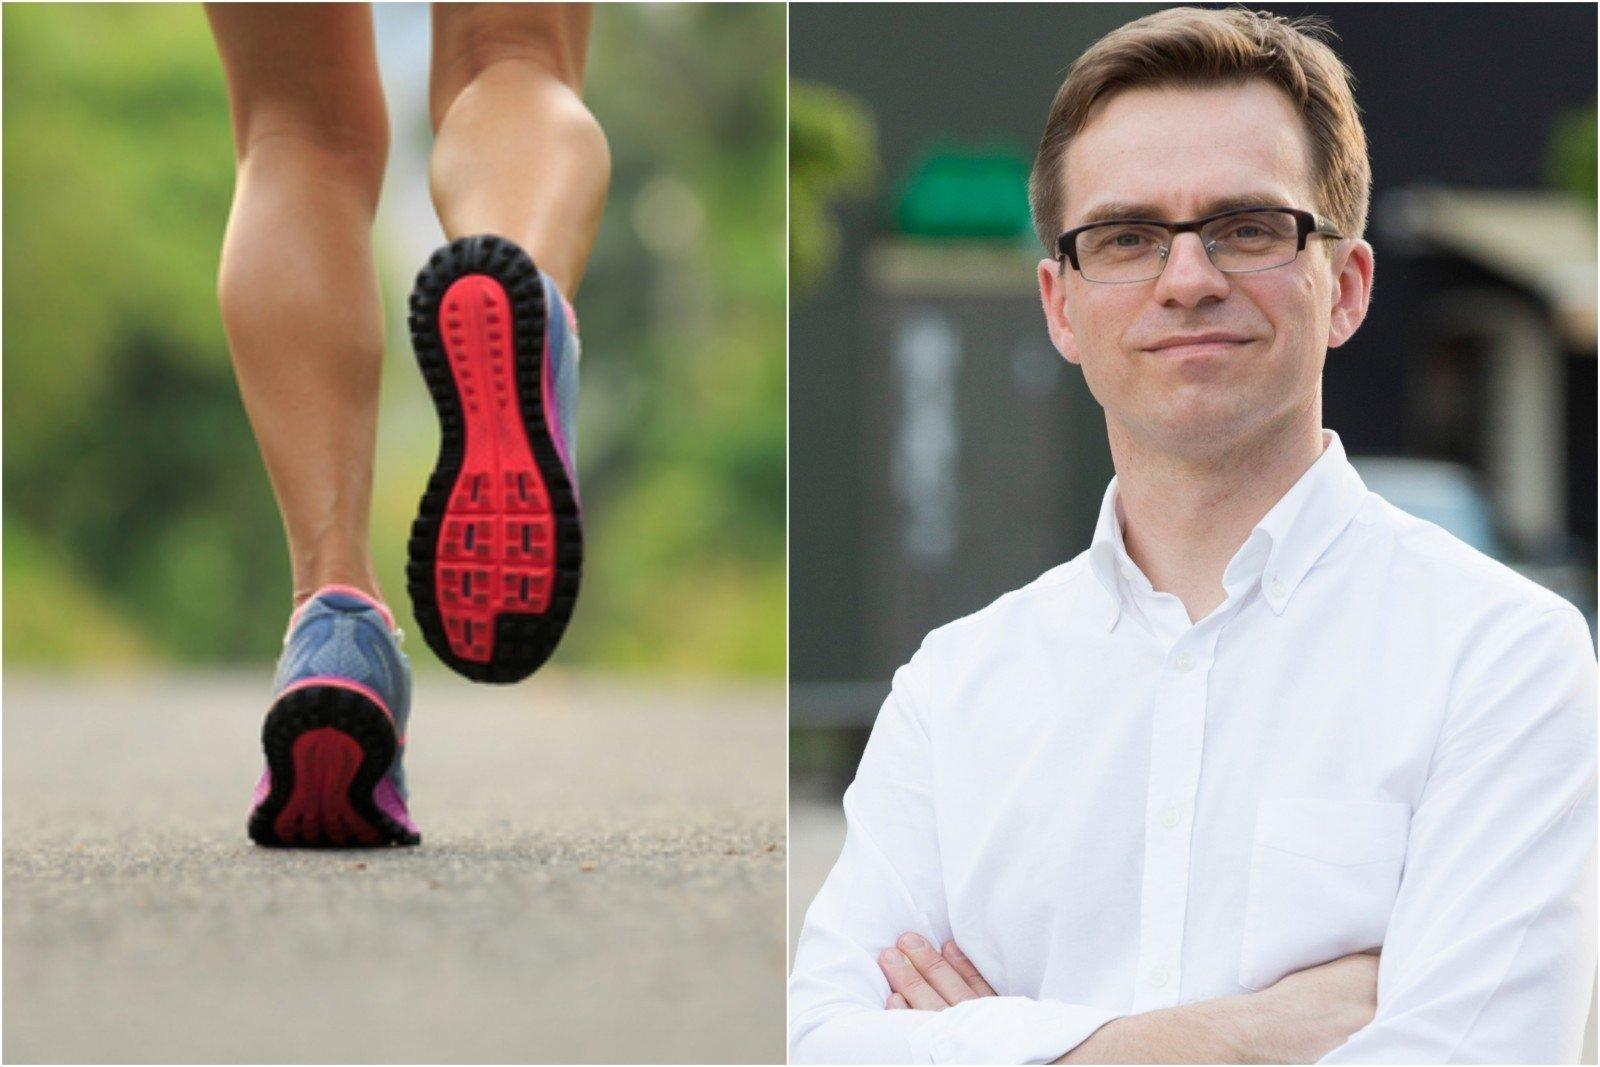 Kaip tinkamai pasirengti maratonui - Verslo žinios